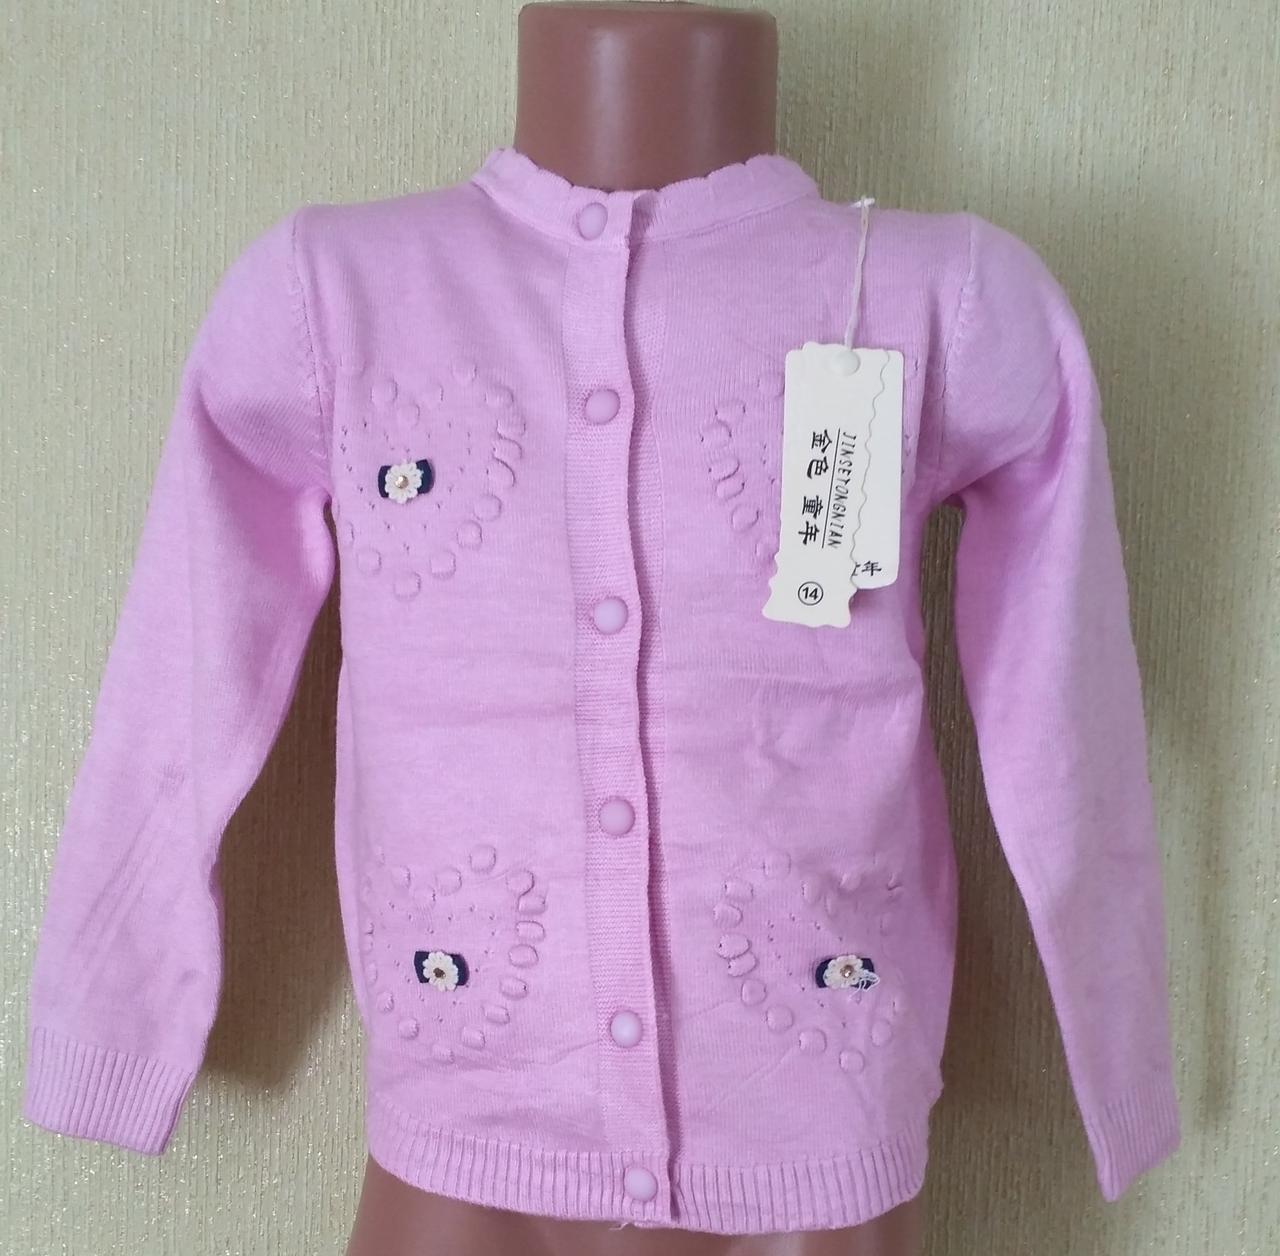 343af6bafd1 Кофточка кашимировая для девочек - Интернет -магазин